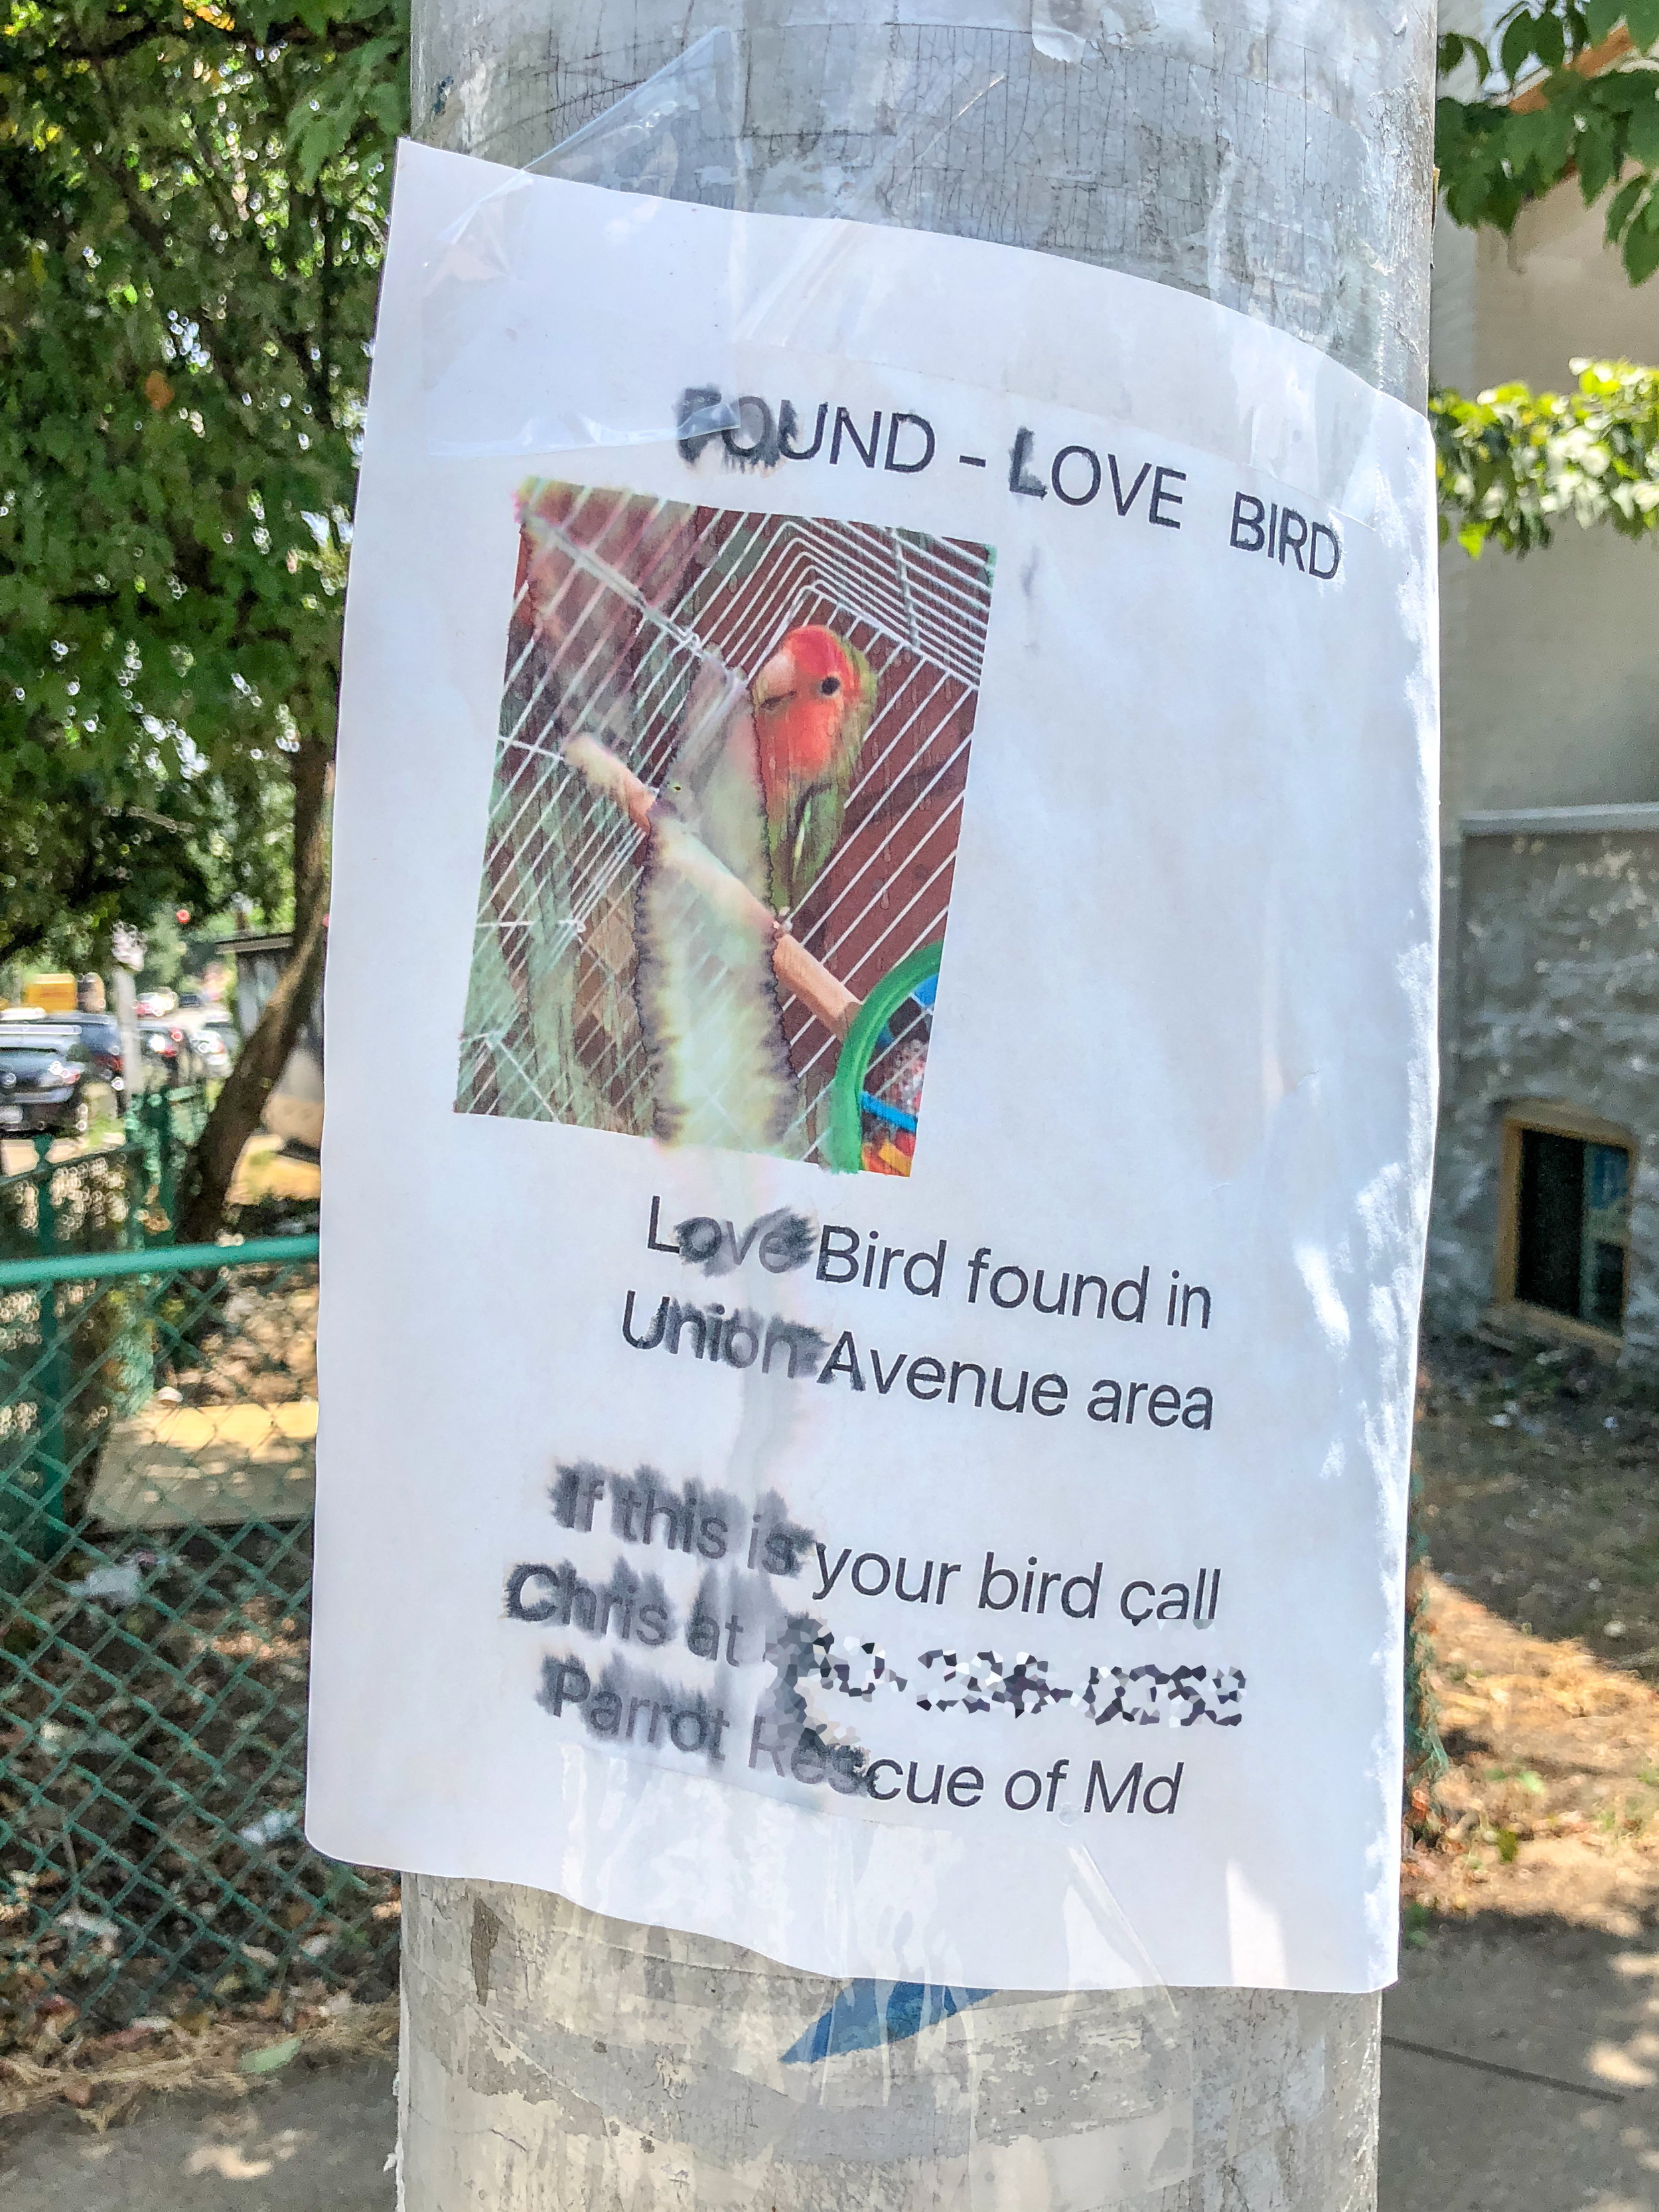 lovebird (1 of 1).jpg